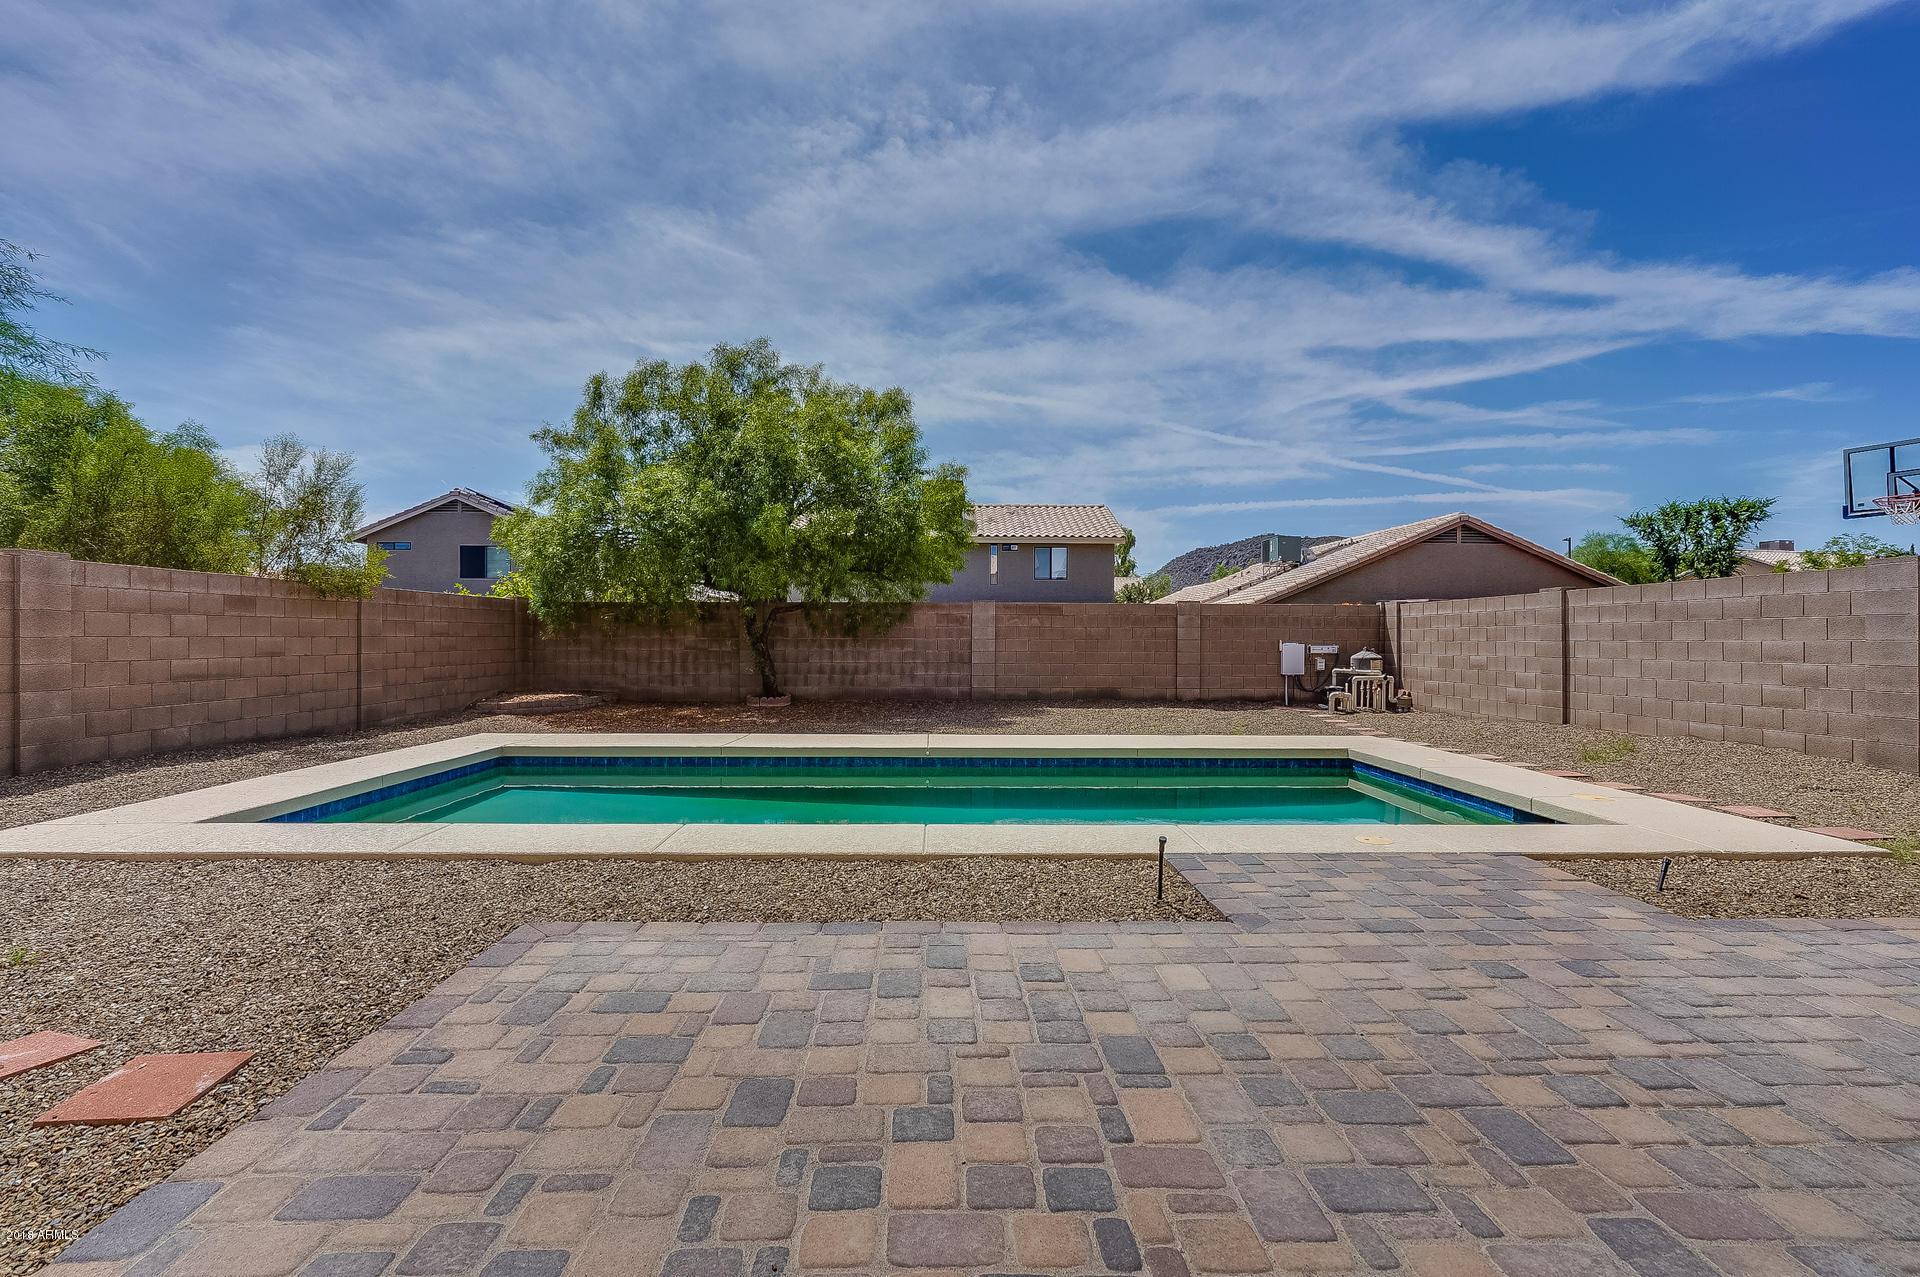 MLS 5811517 2021 E PATRICK Lane, Phoenix, AZ 85024 Phoenix AZ Mountaingate